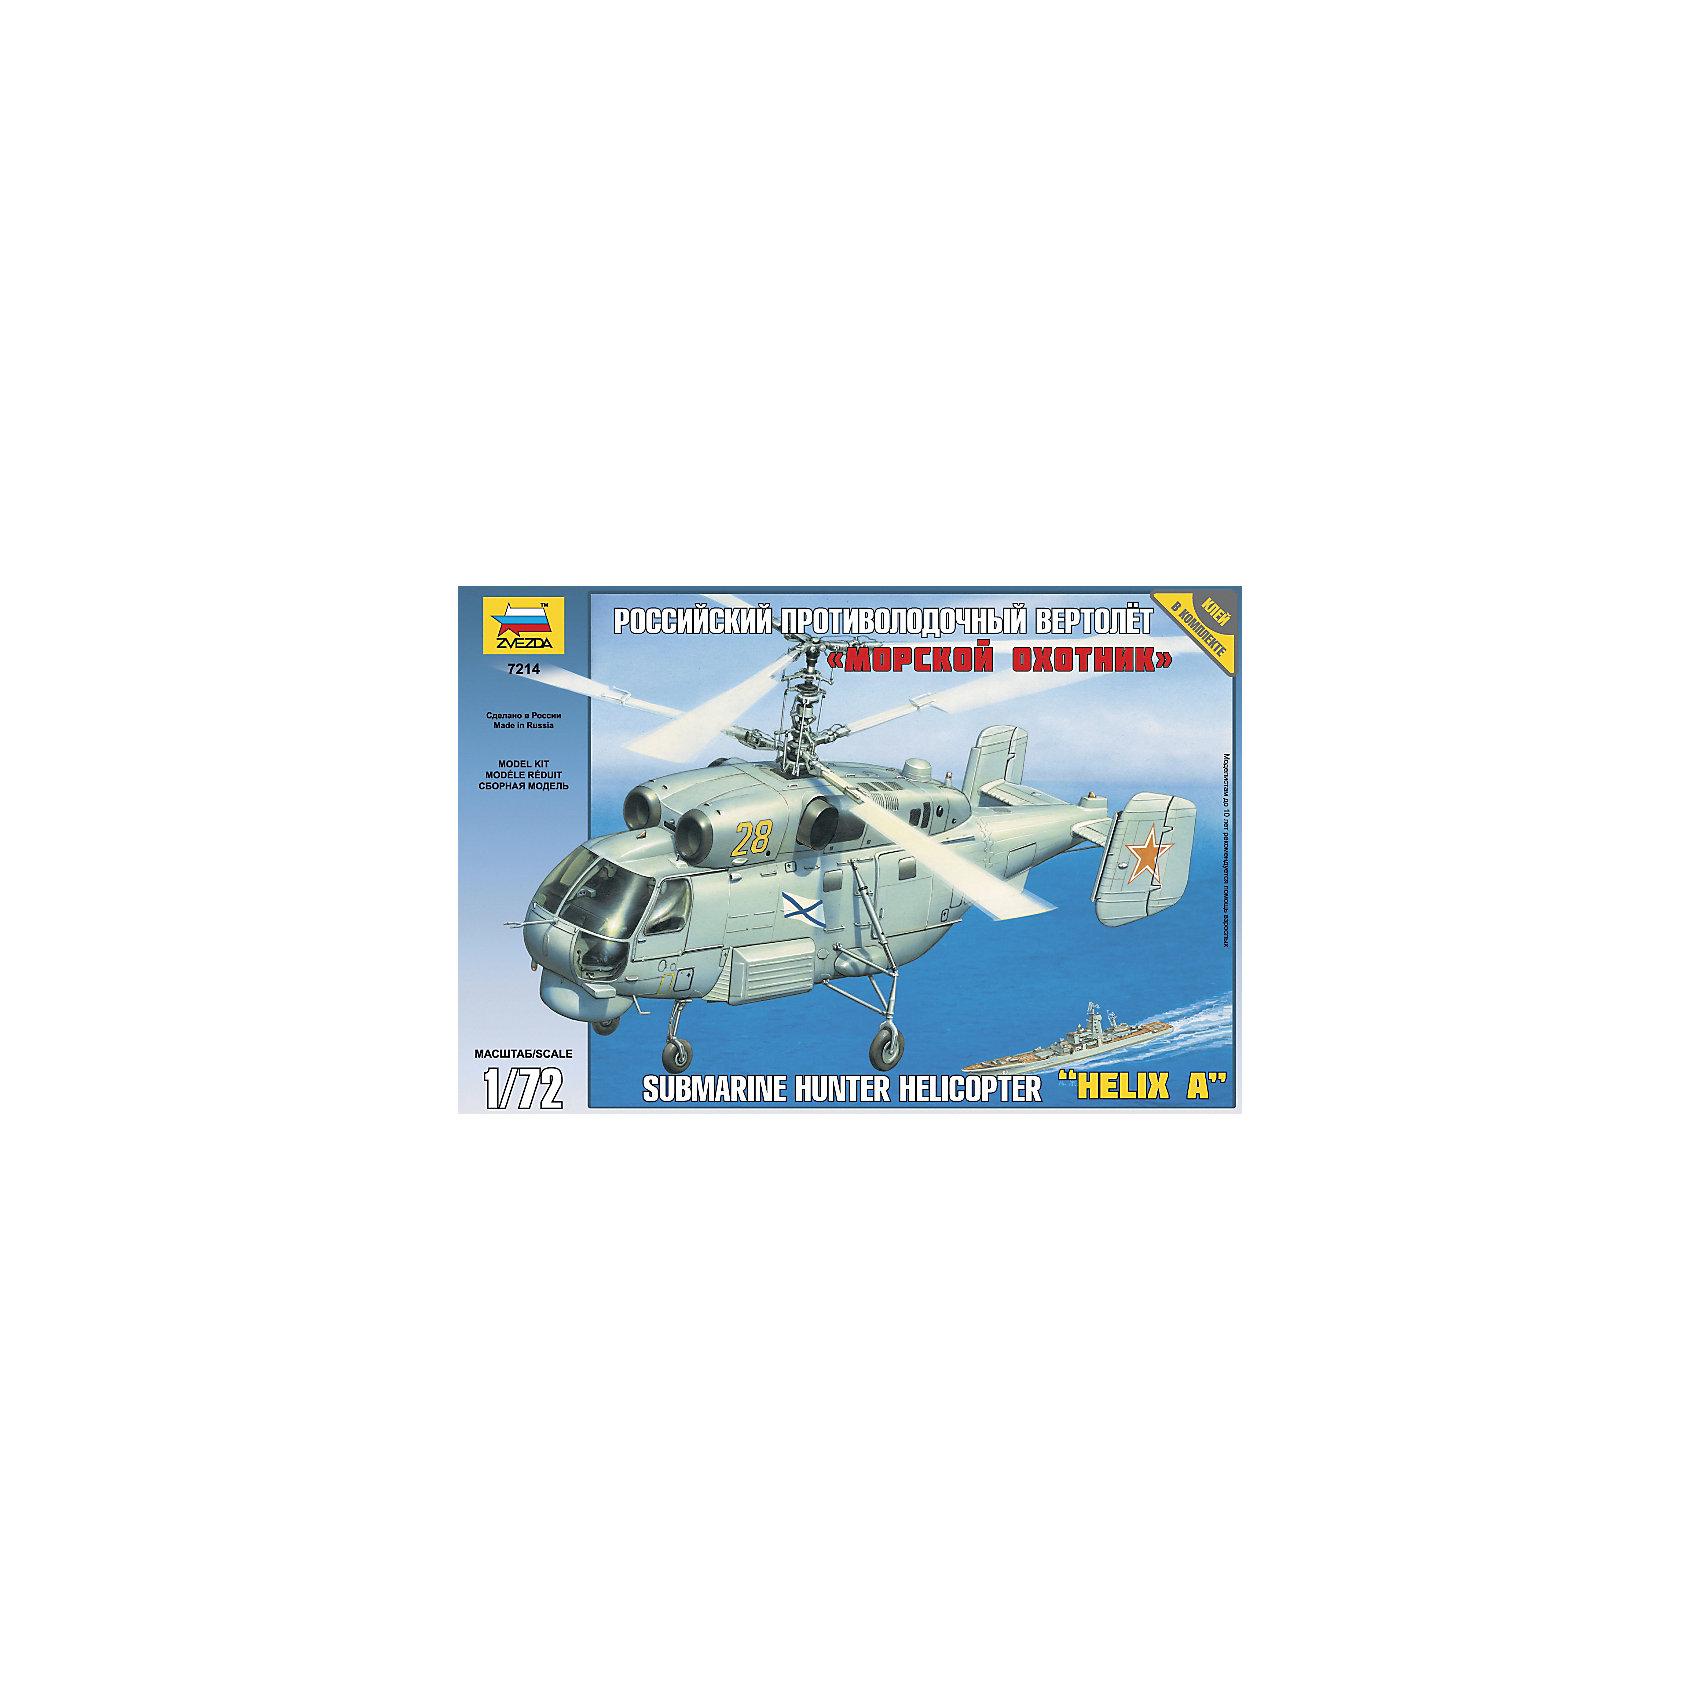 Звезда Сборная модель Вертолет Ка-27, Звезда звезда сборная модель самолета су 27 звезда